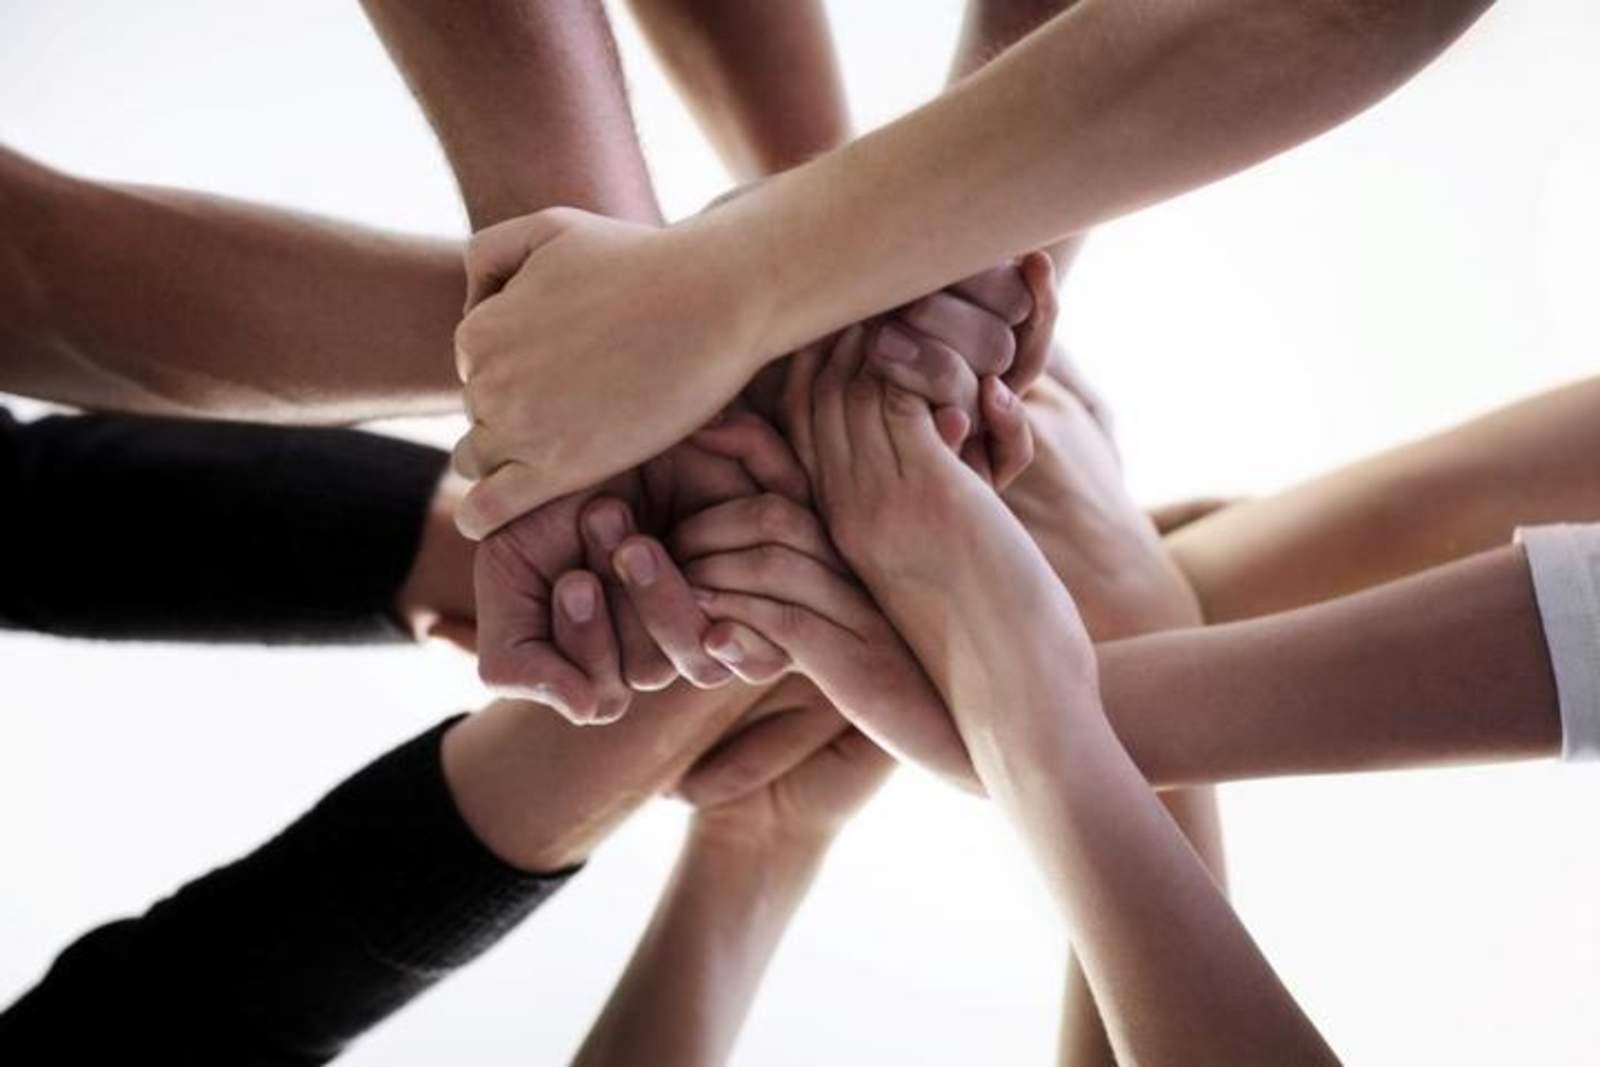 UNESCO celebra este 20 de diciembre el Día Internacional de la Solidaridad Humana